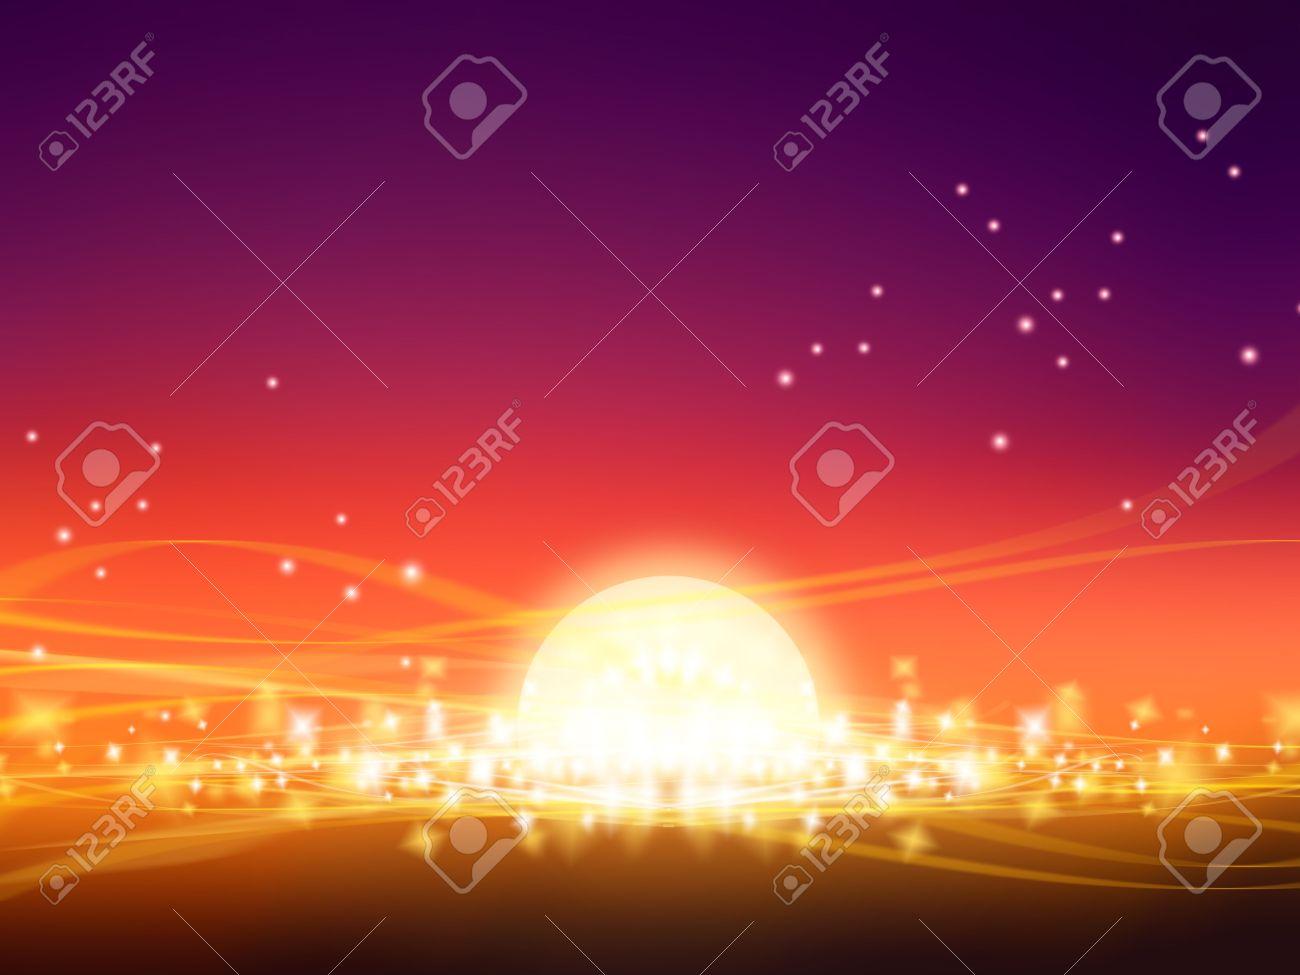 holiday background has shining luminous elements of design Stock Photo - 5804271